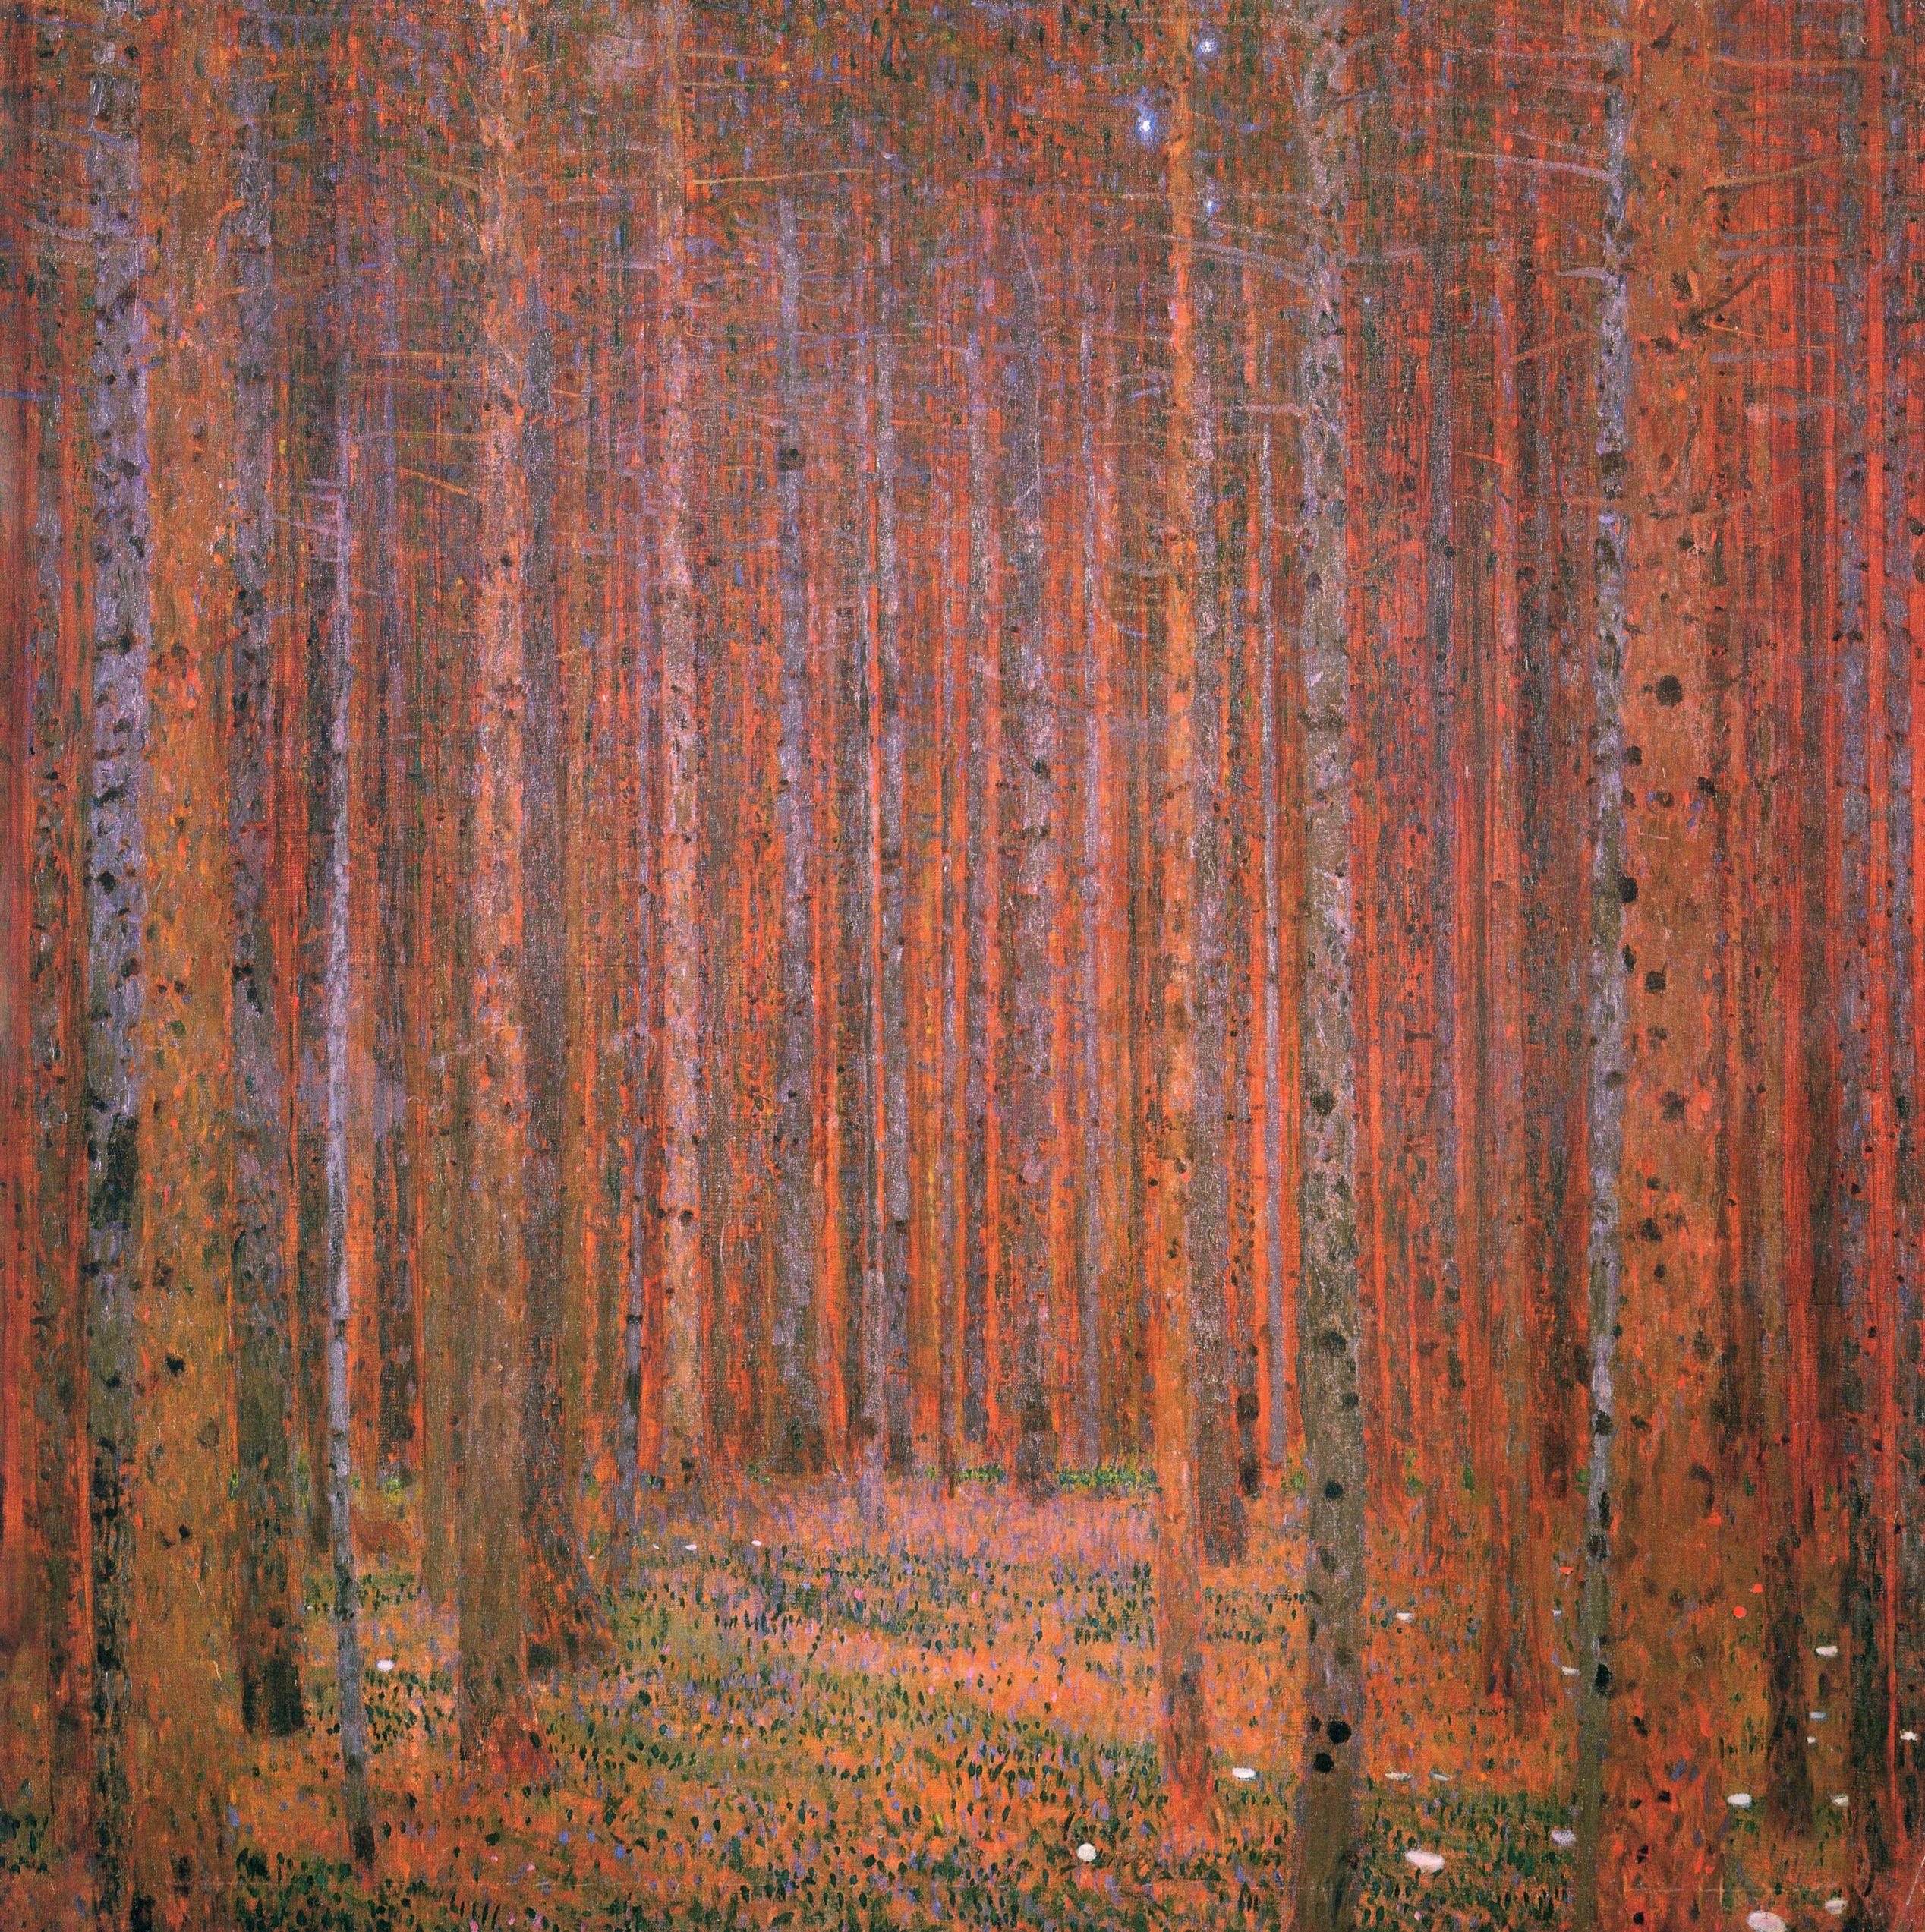 https://i0.wp.com/uploads4.wikipaintings.org/images/gustav-klimt/fir-forest-i.jpg